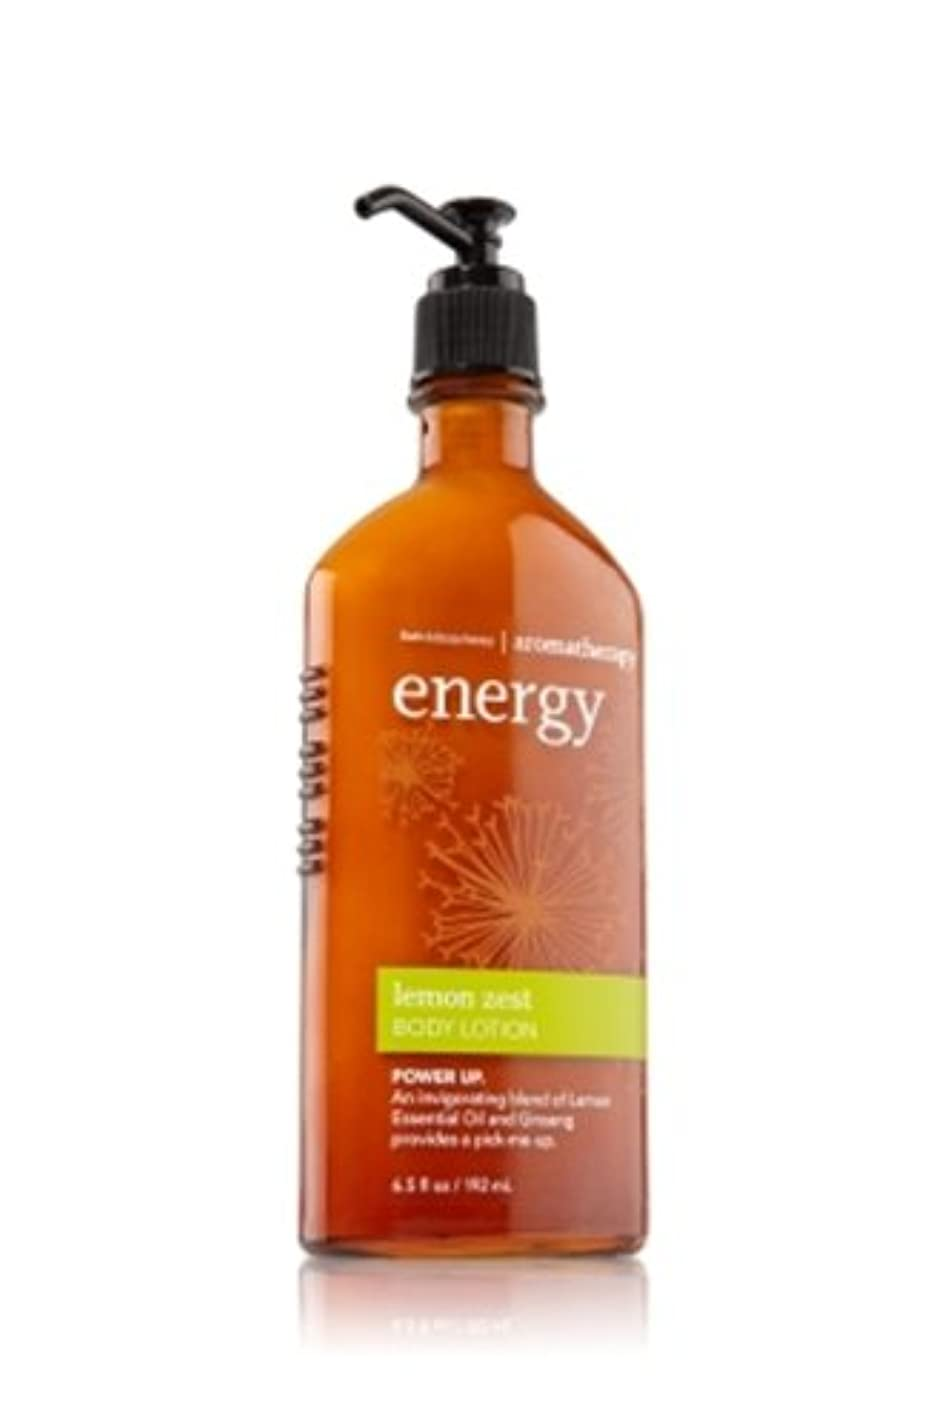 反響するすなわち知るバス & ボディワークス アロマセラピー エナジー レモンゼスト ボディローション Aromatherapy Energy - Lemon Zest Body Lotion【並行輸入品】